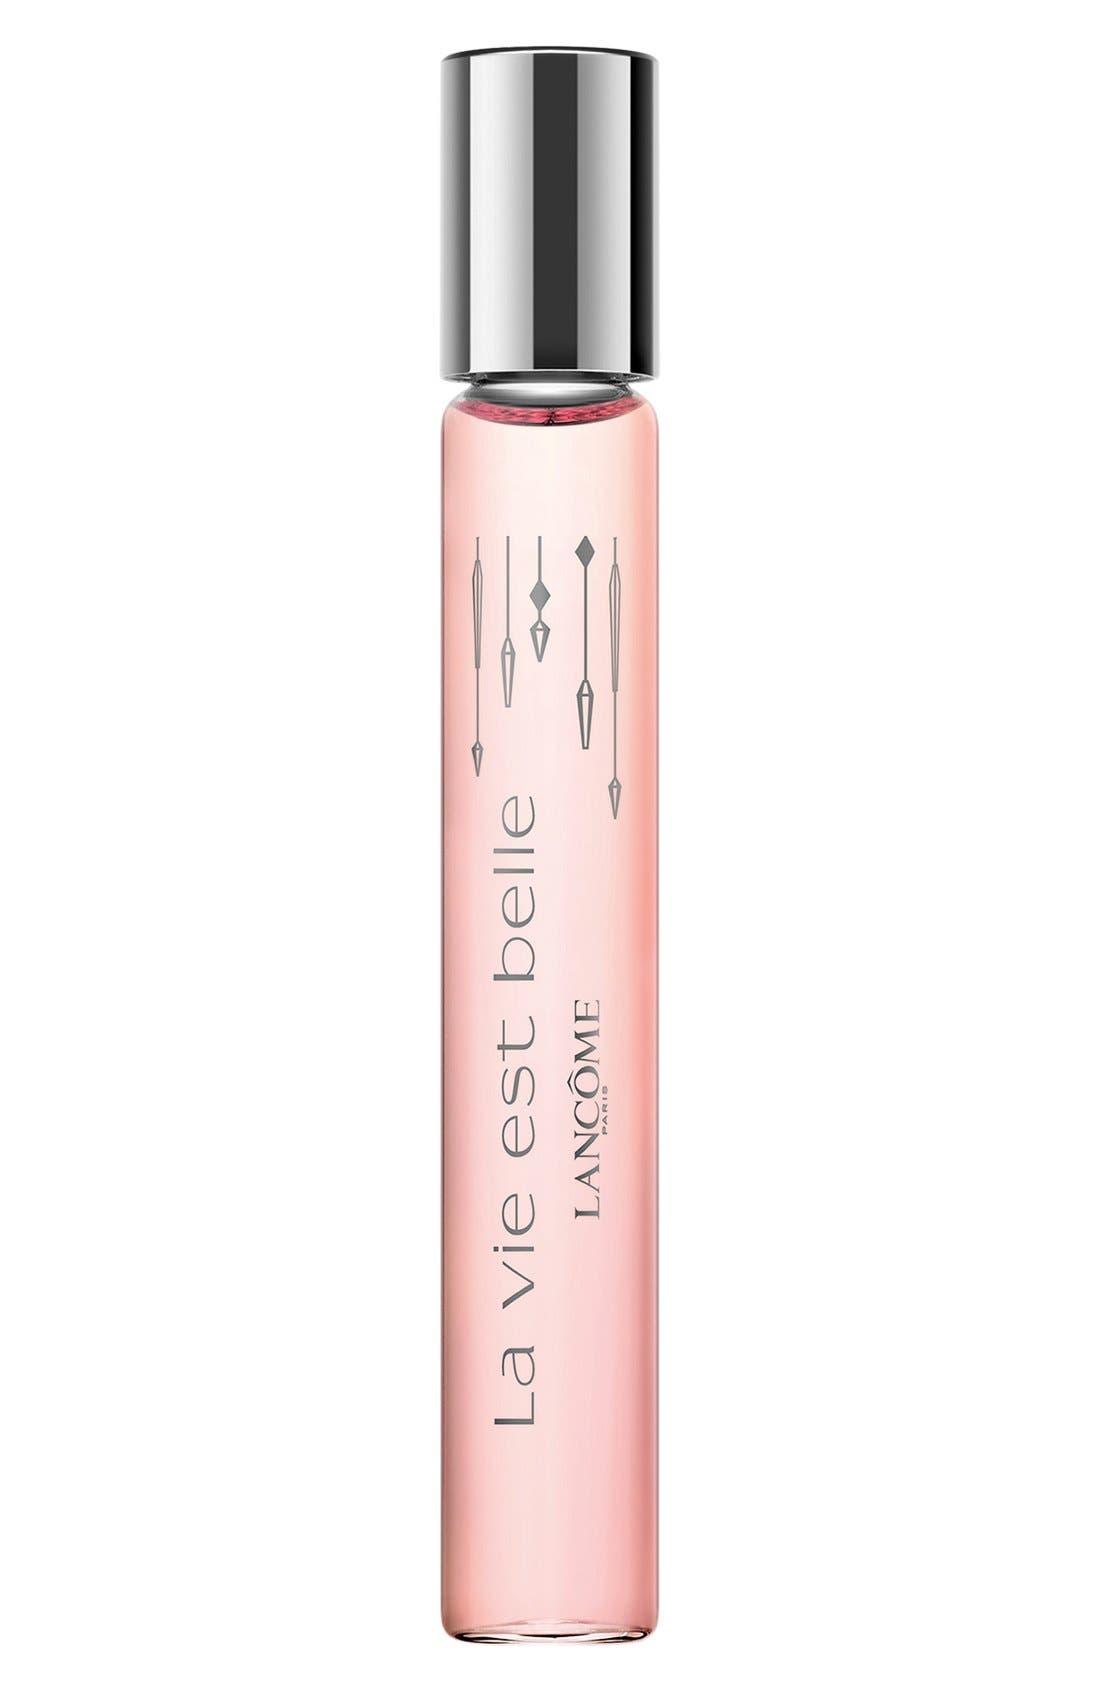 Lancôme La Vie est Belle Eau de Parfum Rollerball